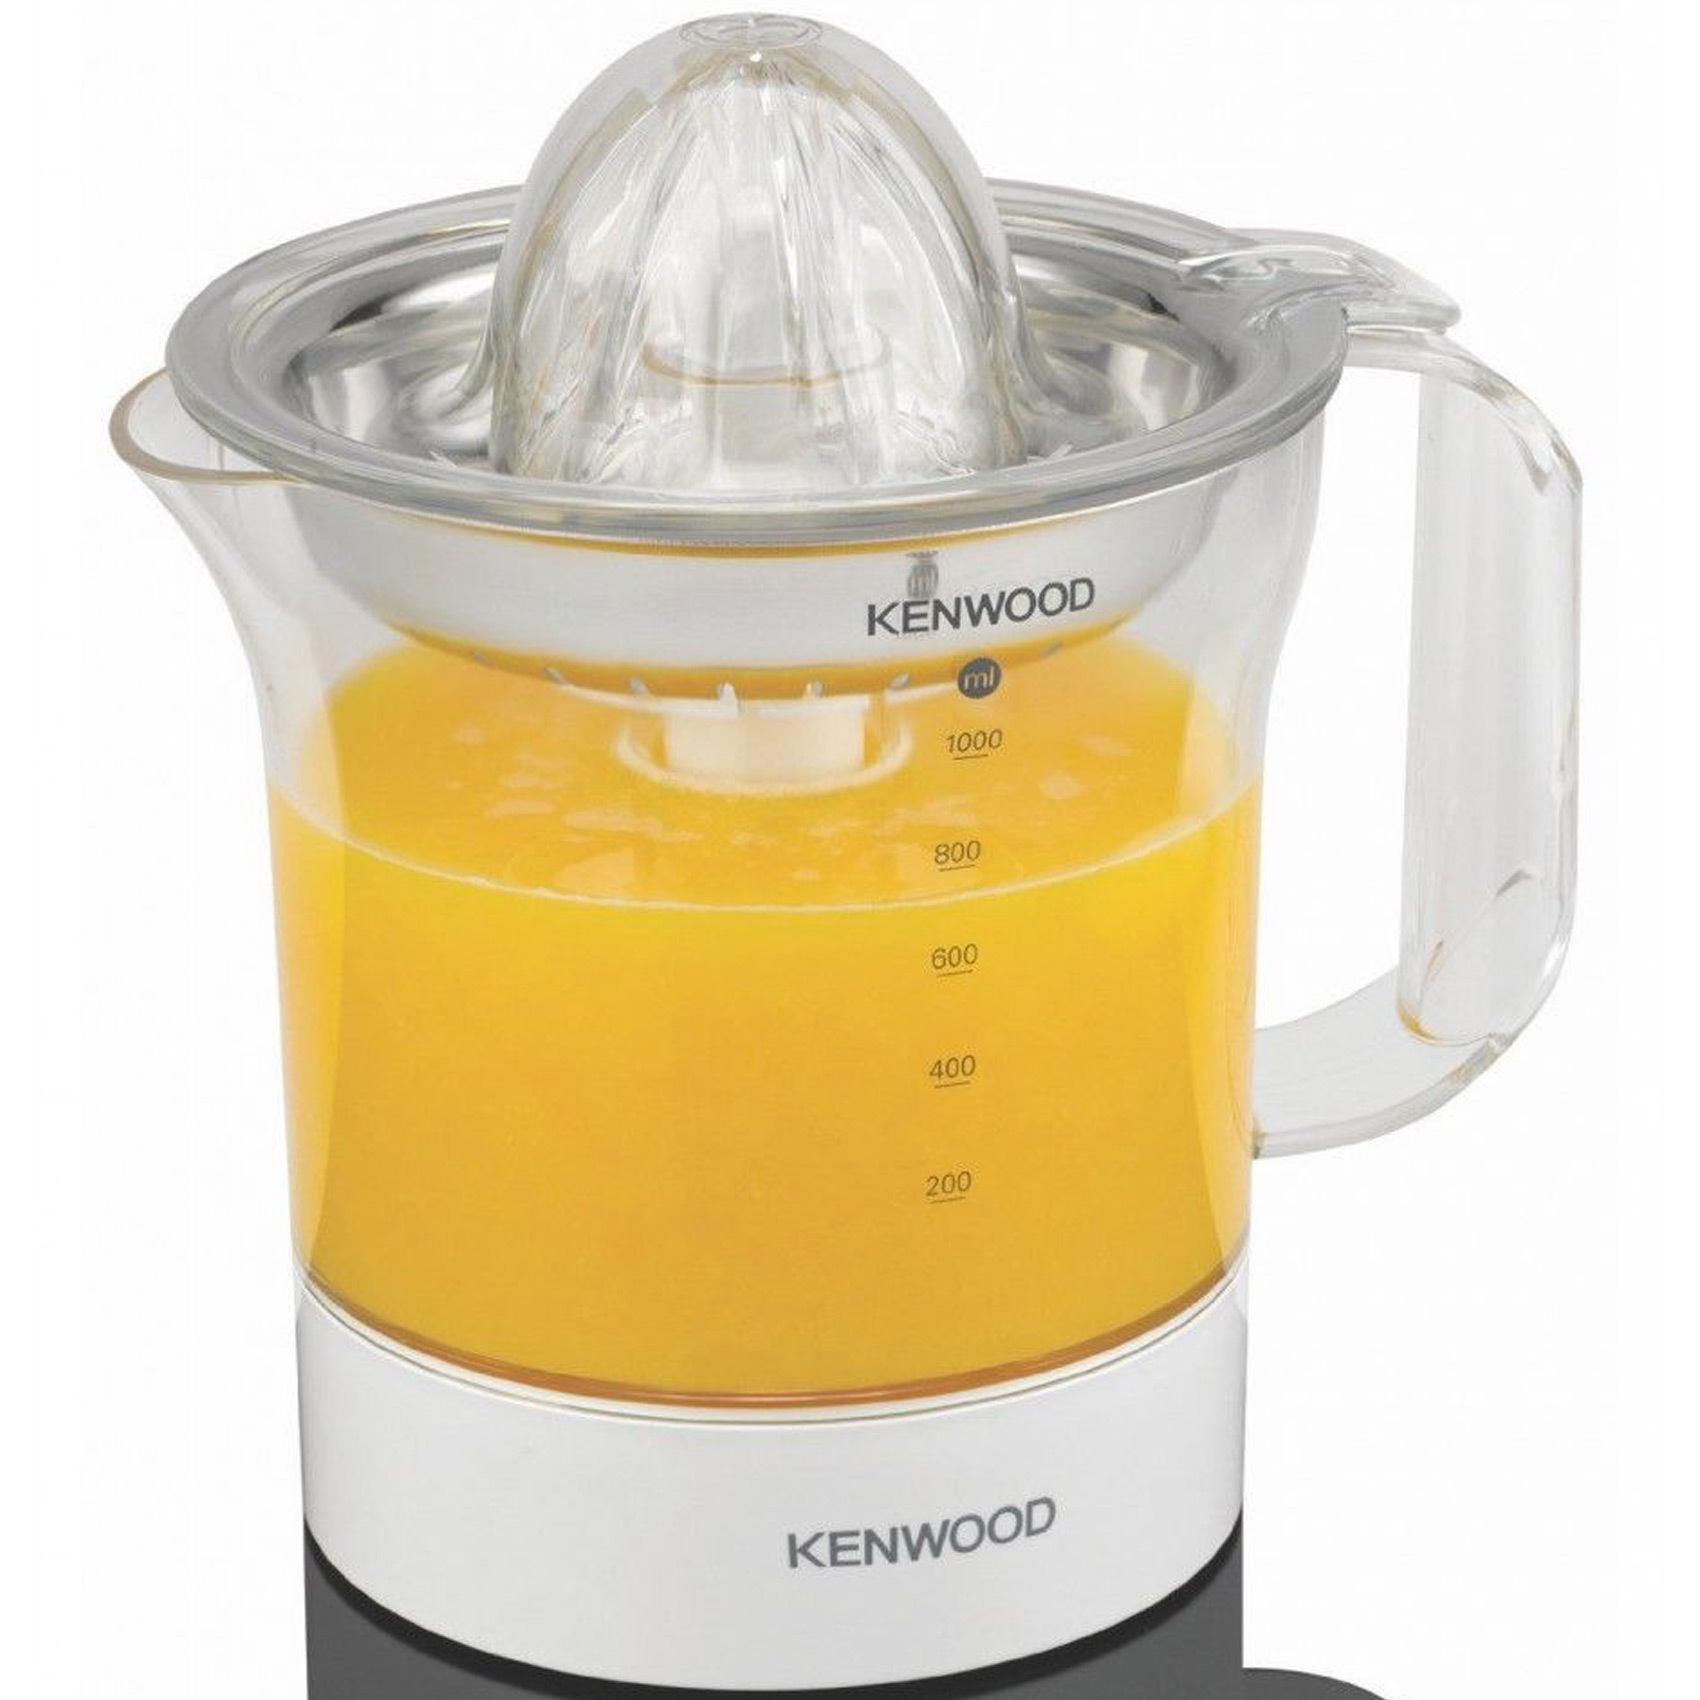 KENWOOD JUICER JE290